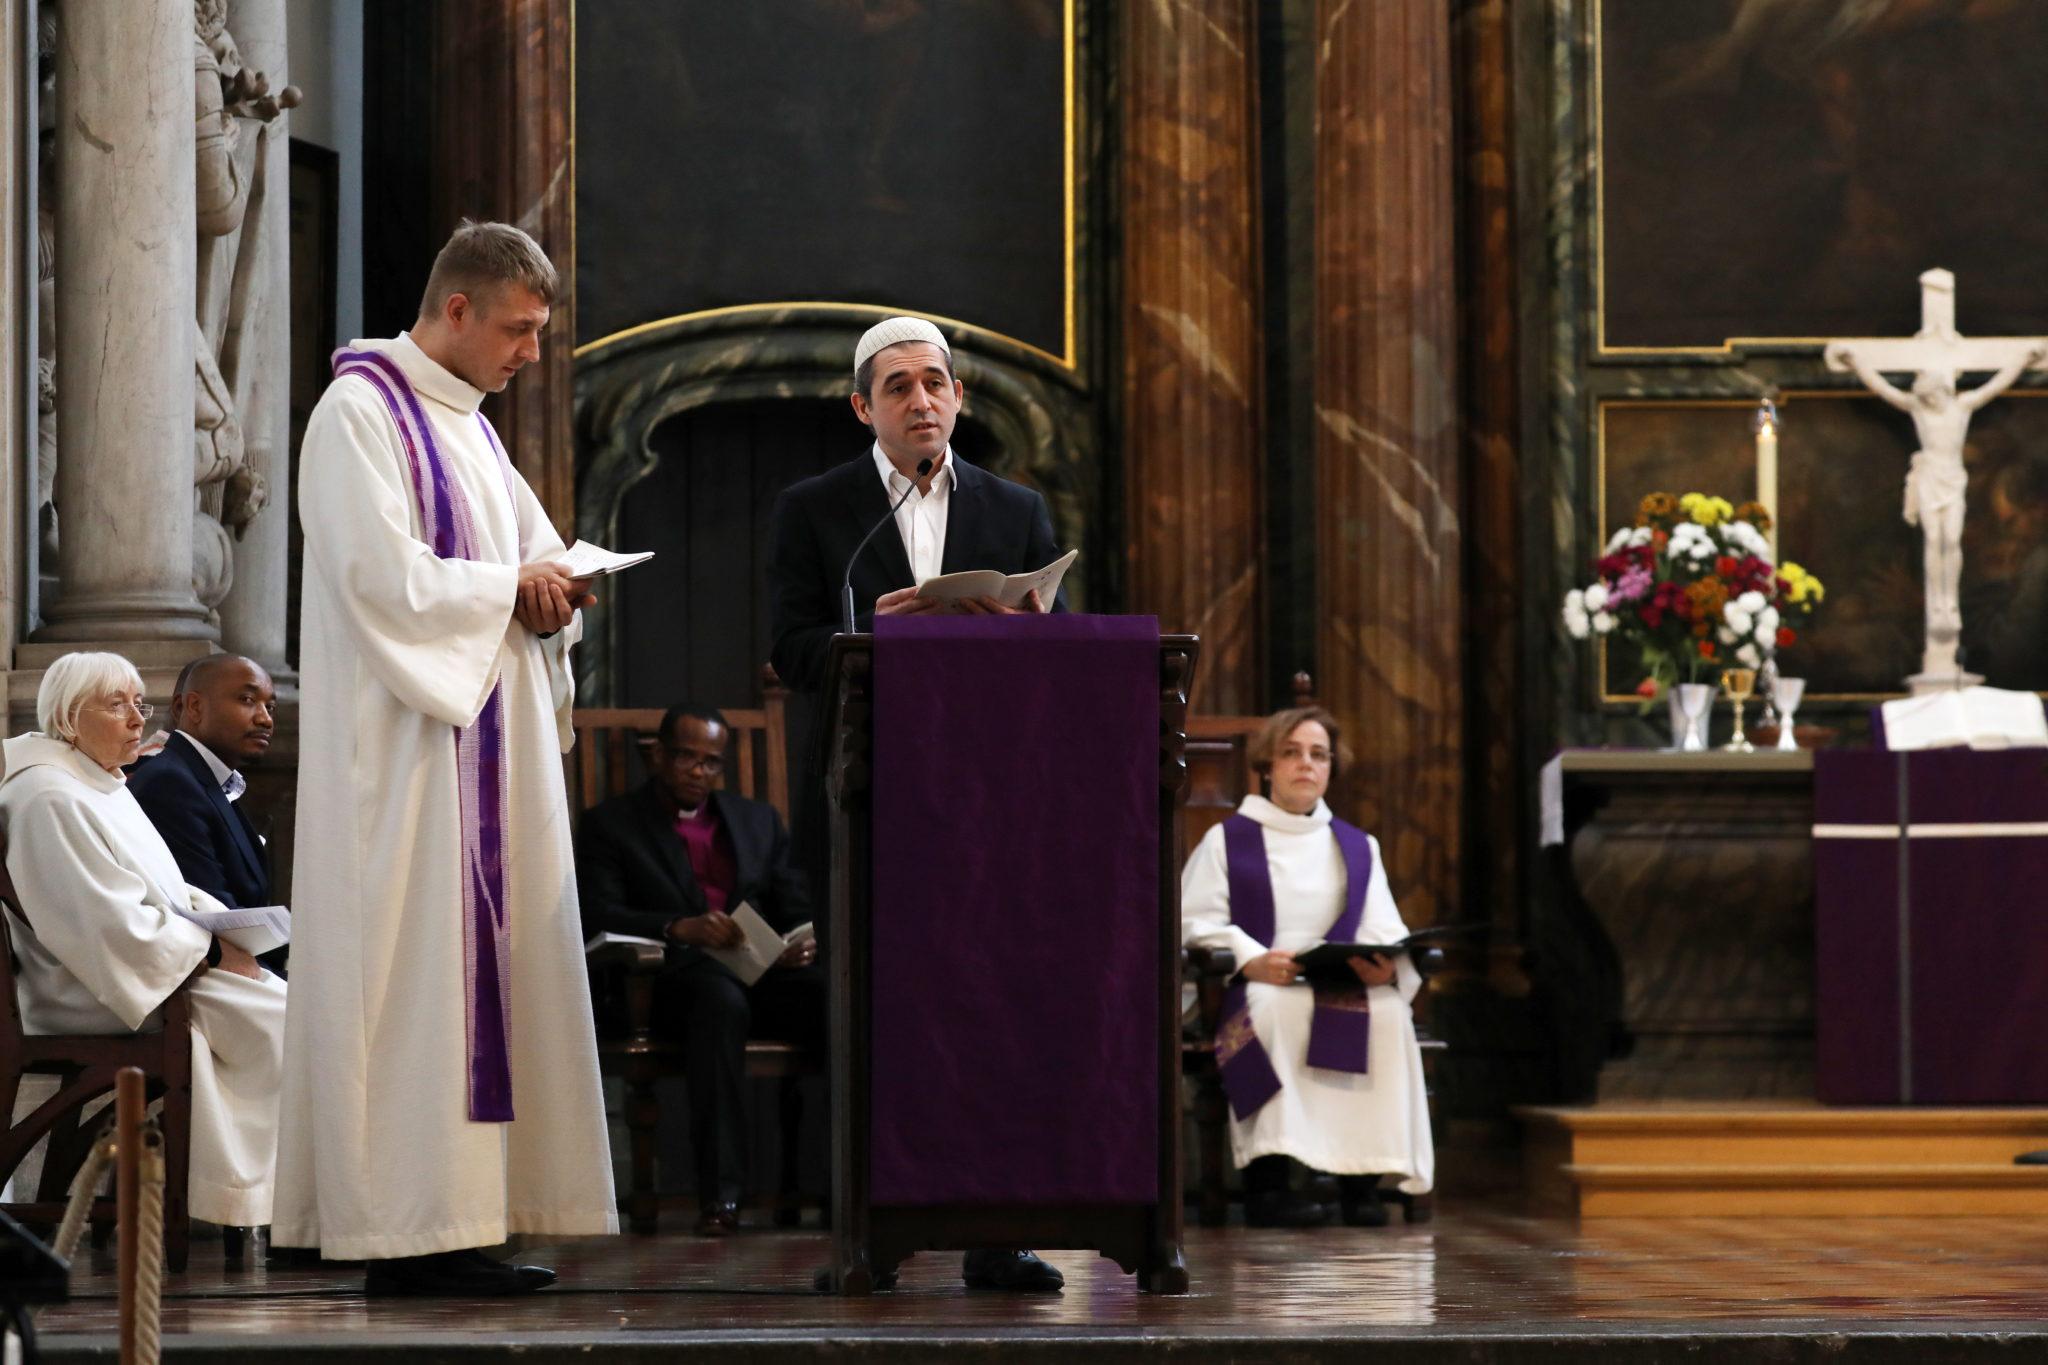 Imam Osman Oers podczas nabożeństwa za wstawiennictwem prześladowanych wyznawców wiary, kościół mariacki w Berlinie, fot. FELIPE TRUEBA, PAP/EPA.